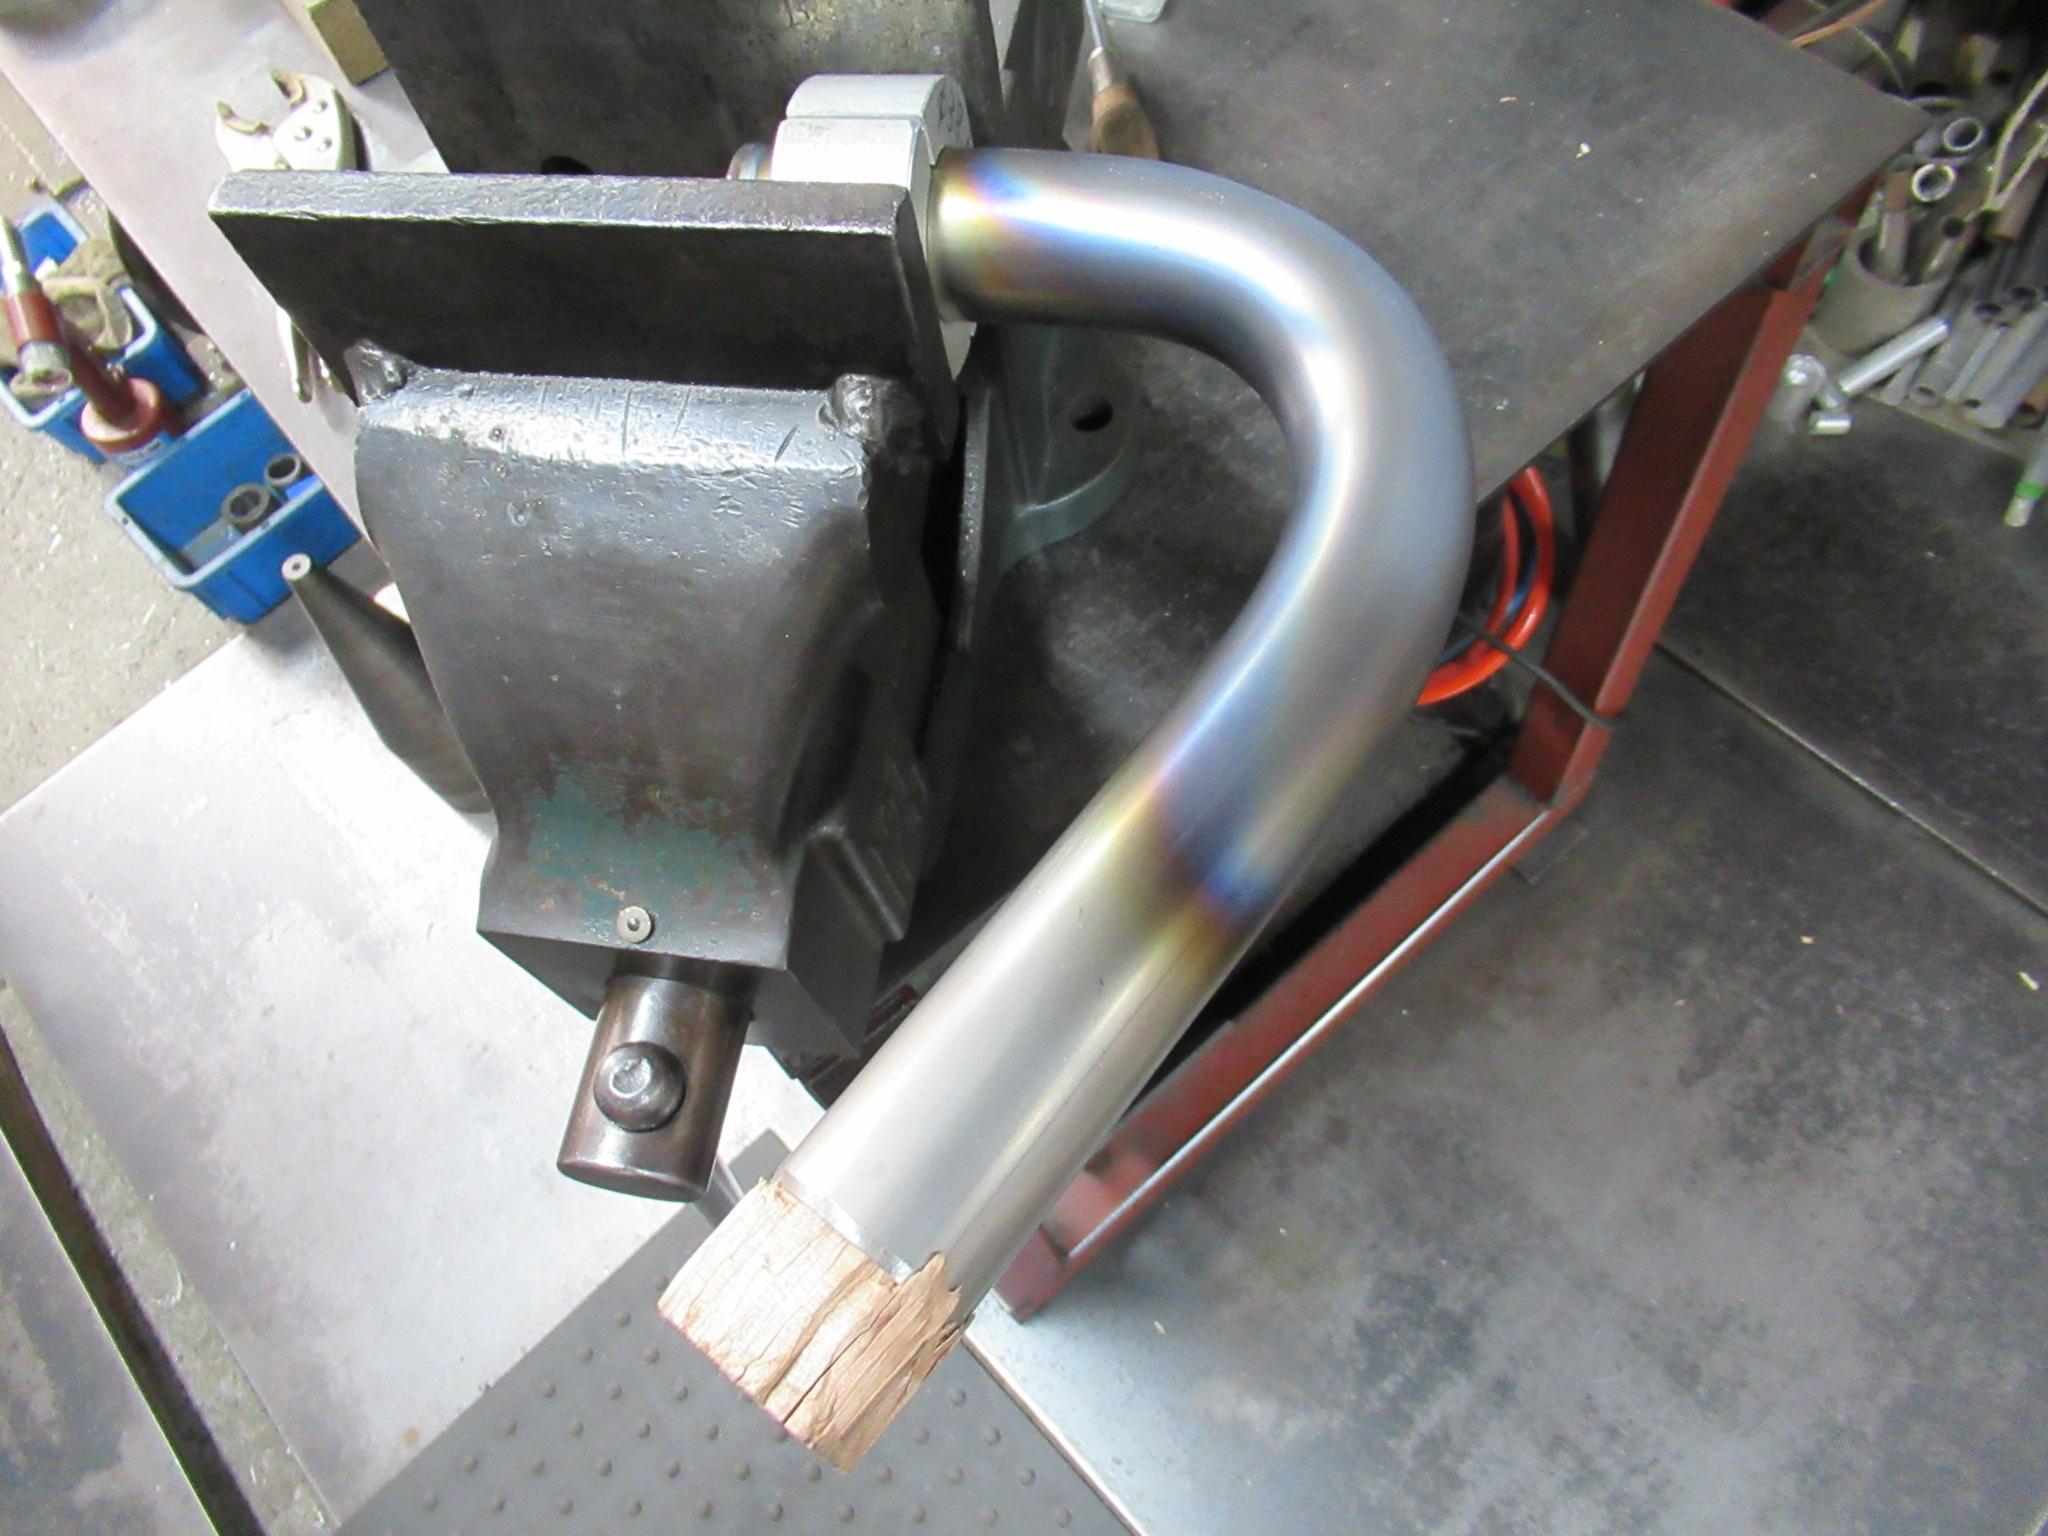 http://www.precious-factory.com/preciousfactory2010/IMG_0551.JPG